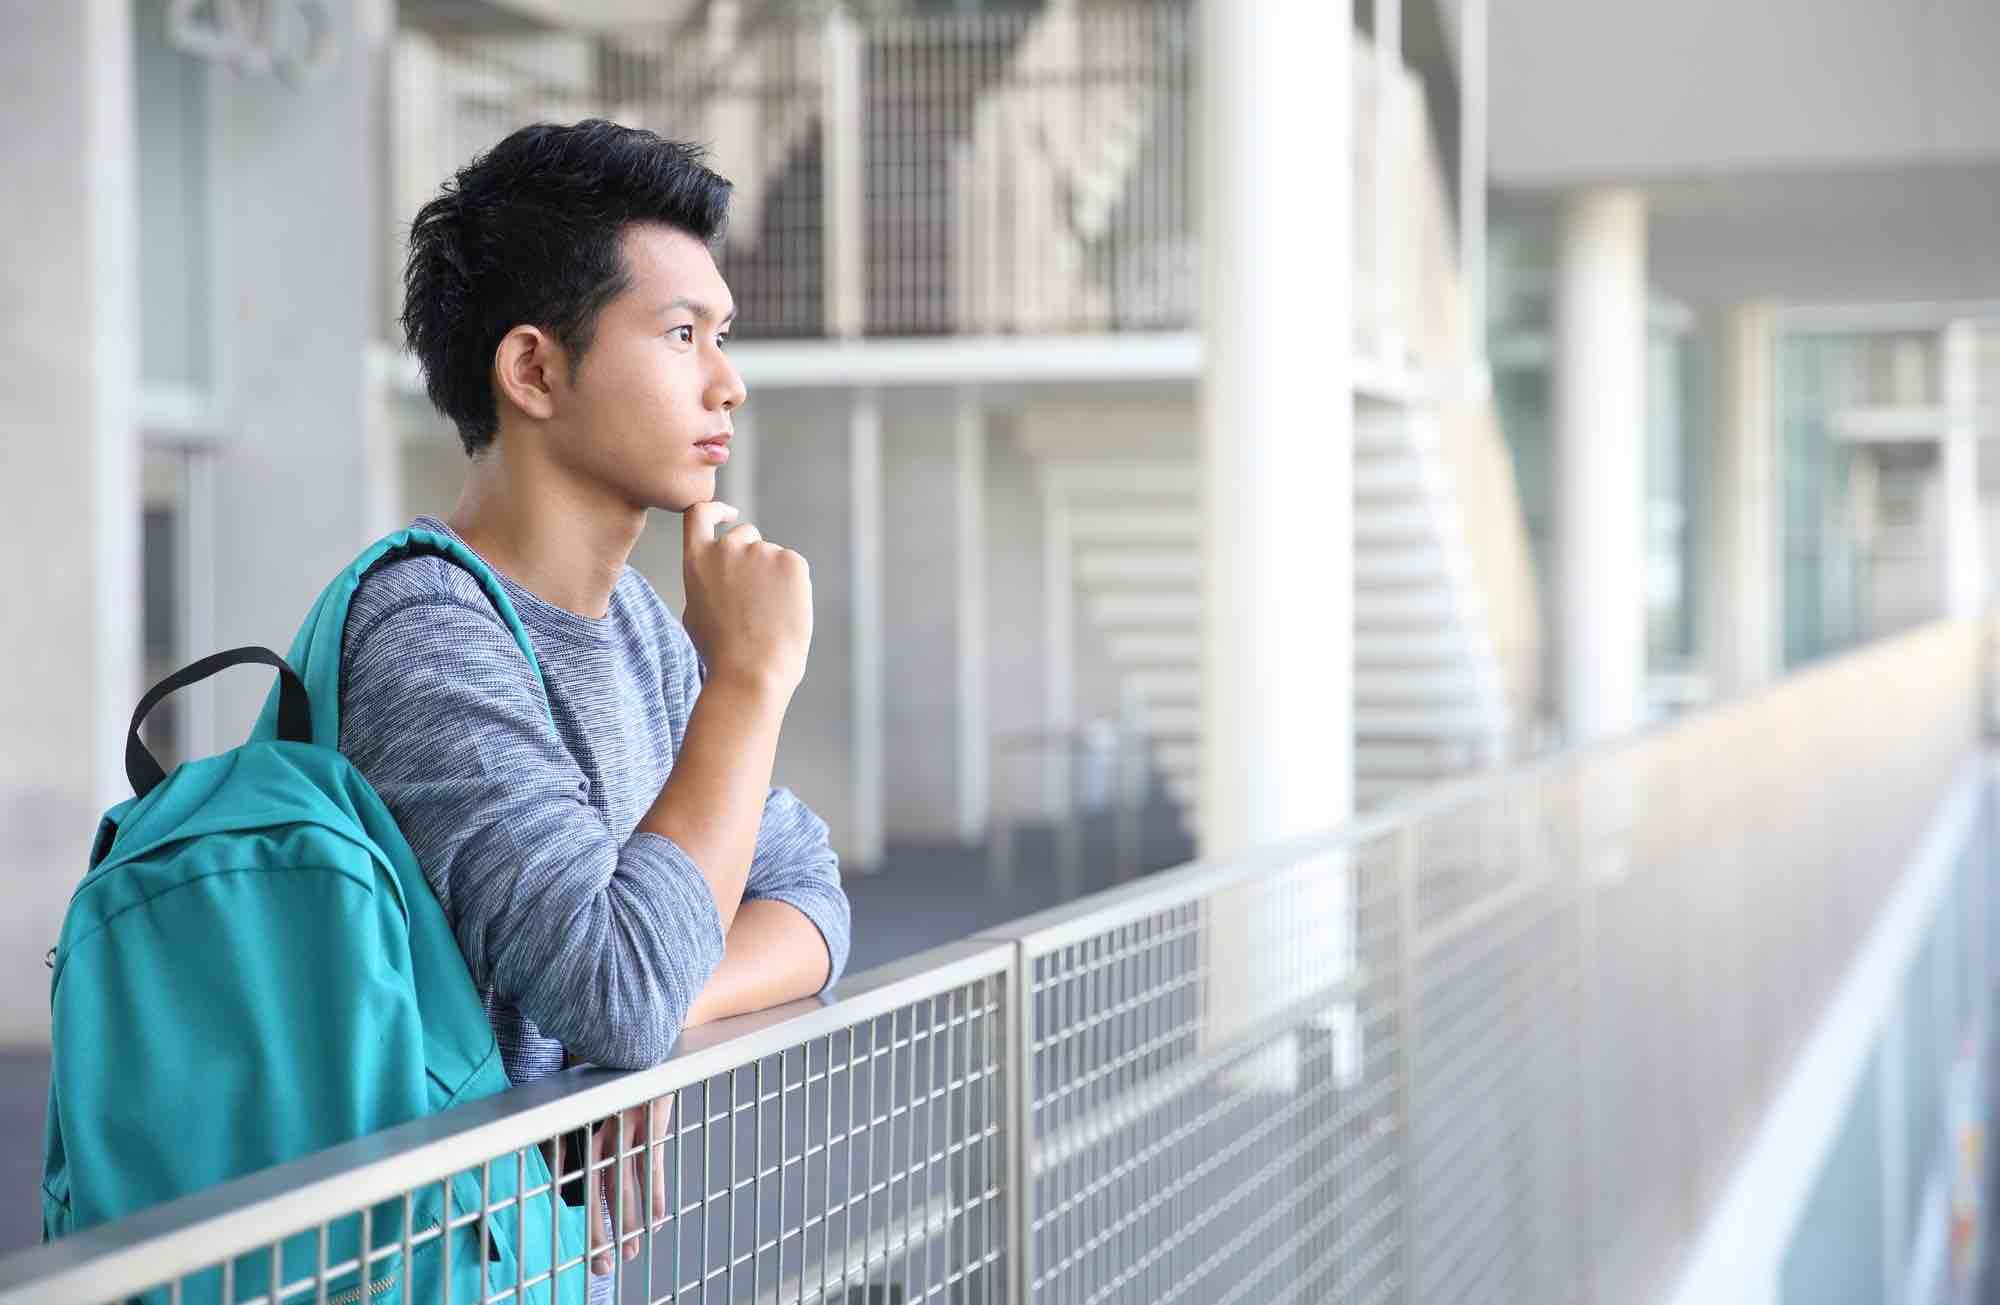 通信制と全日制で迷ったら? 大前学園に聞く、自分に合う高校の選び方